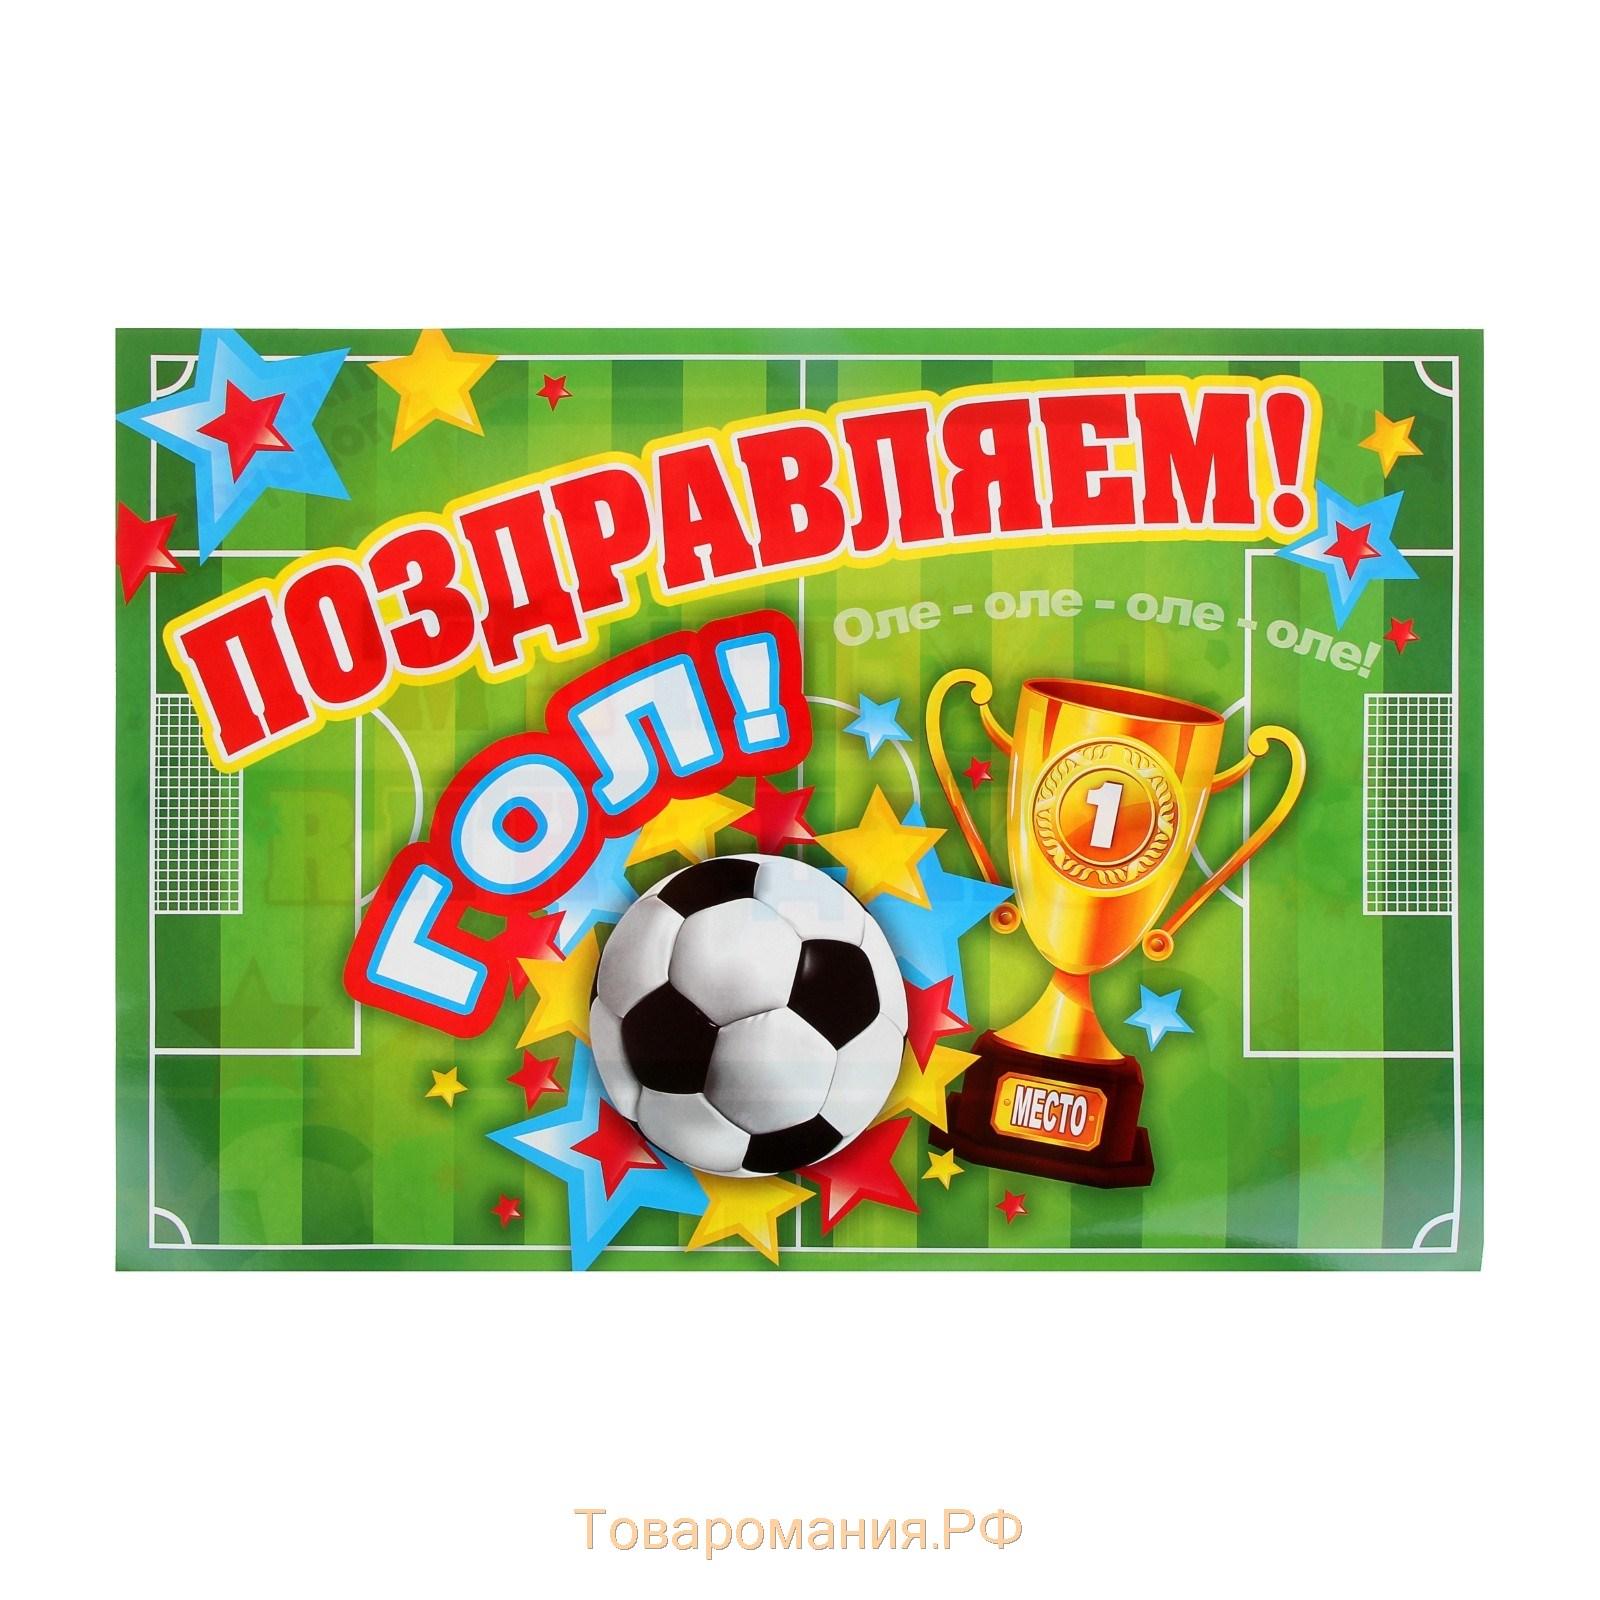 Футбольные поздравления футбольному тренеру